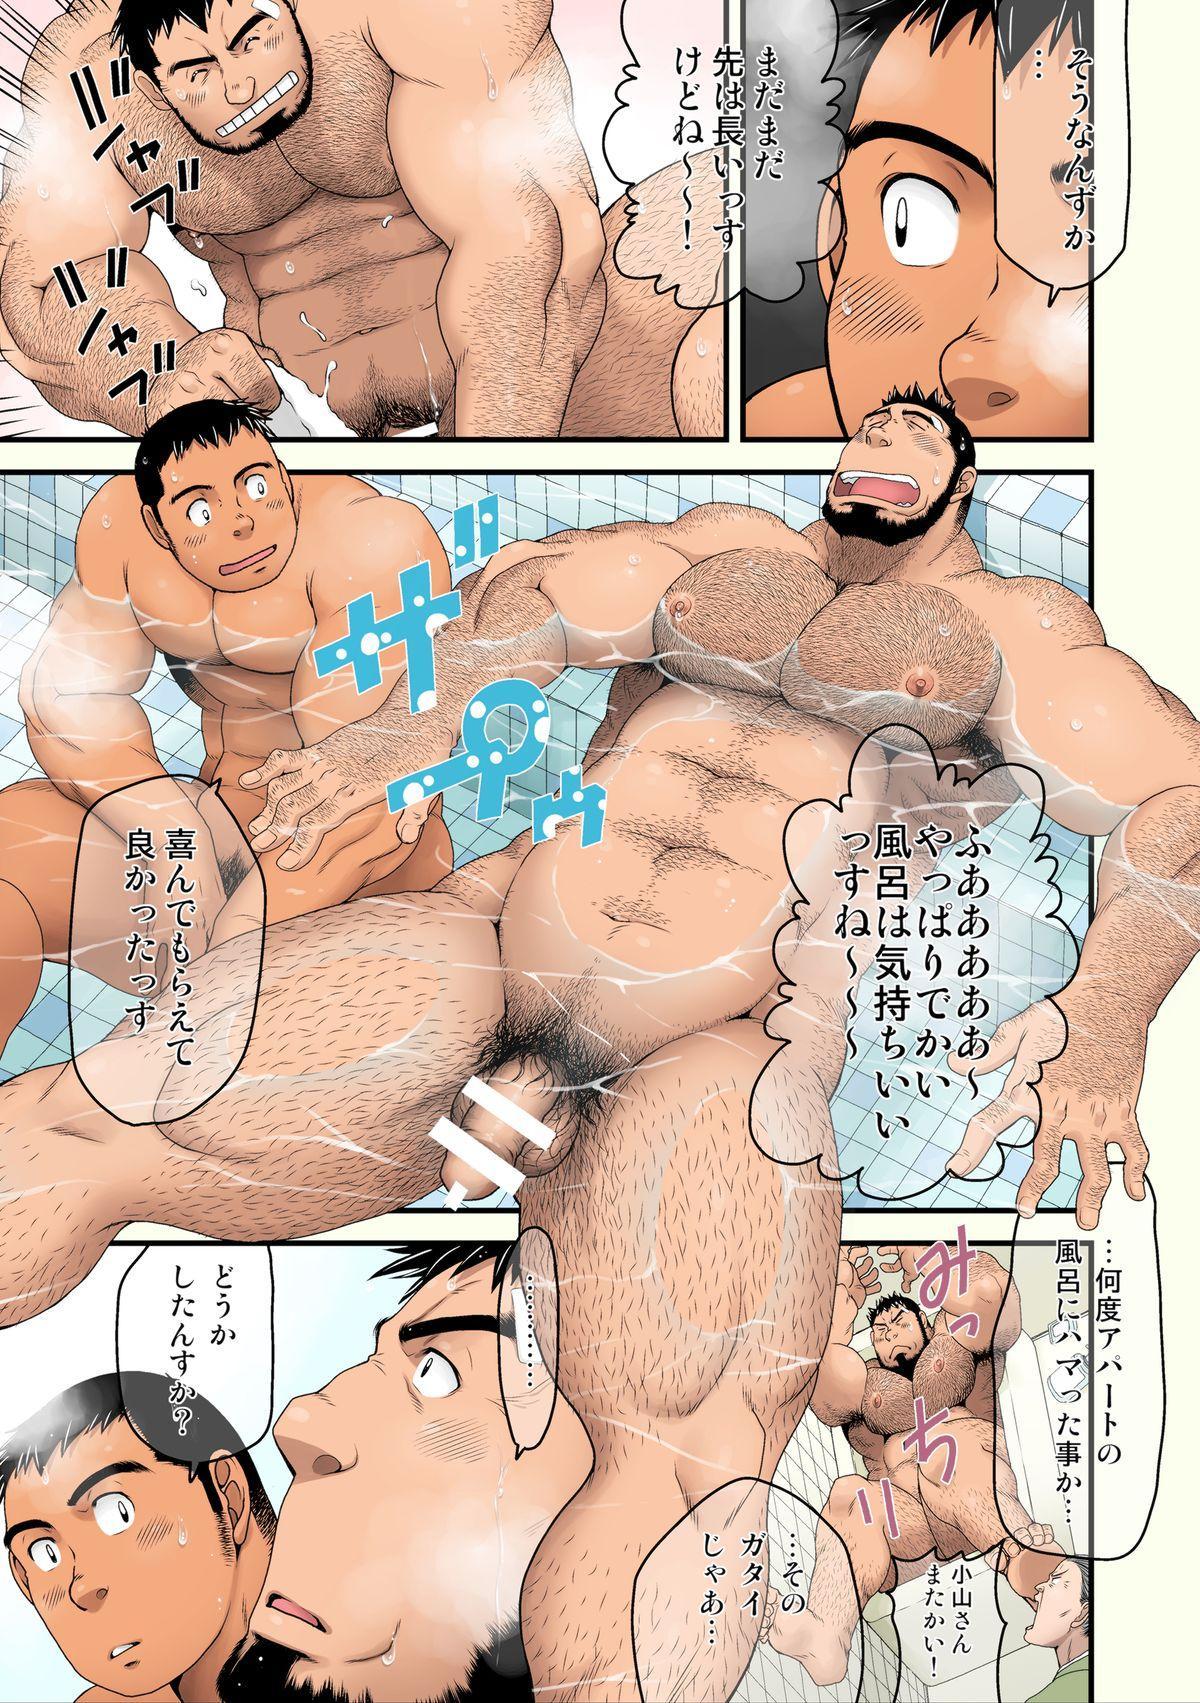 Ano Natsu Ichiban Shizuka na Umi 4